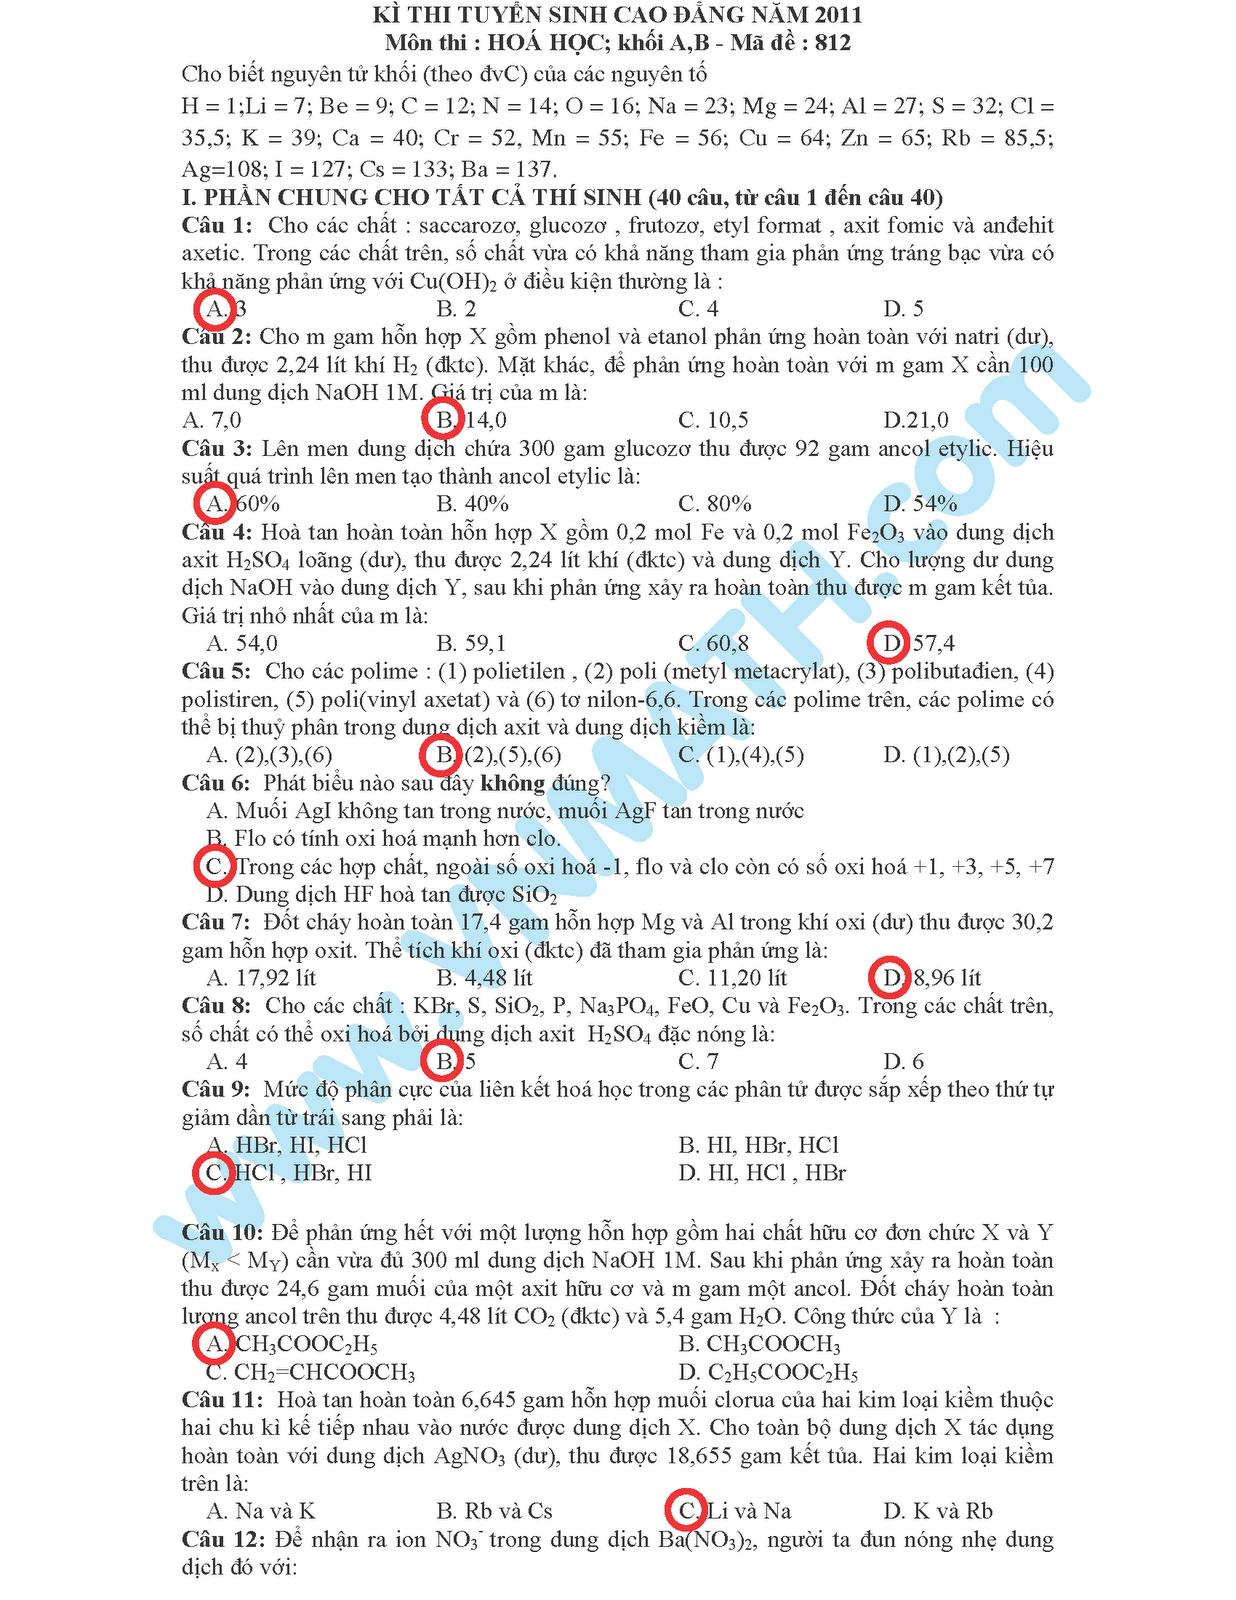 Đáp án đề thi cao đẳng môn Hóa khối A năm 2011 của Bộ giáo dục đào tạo